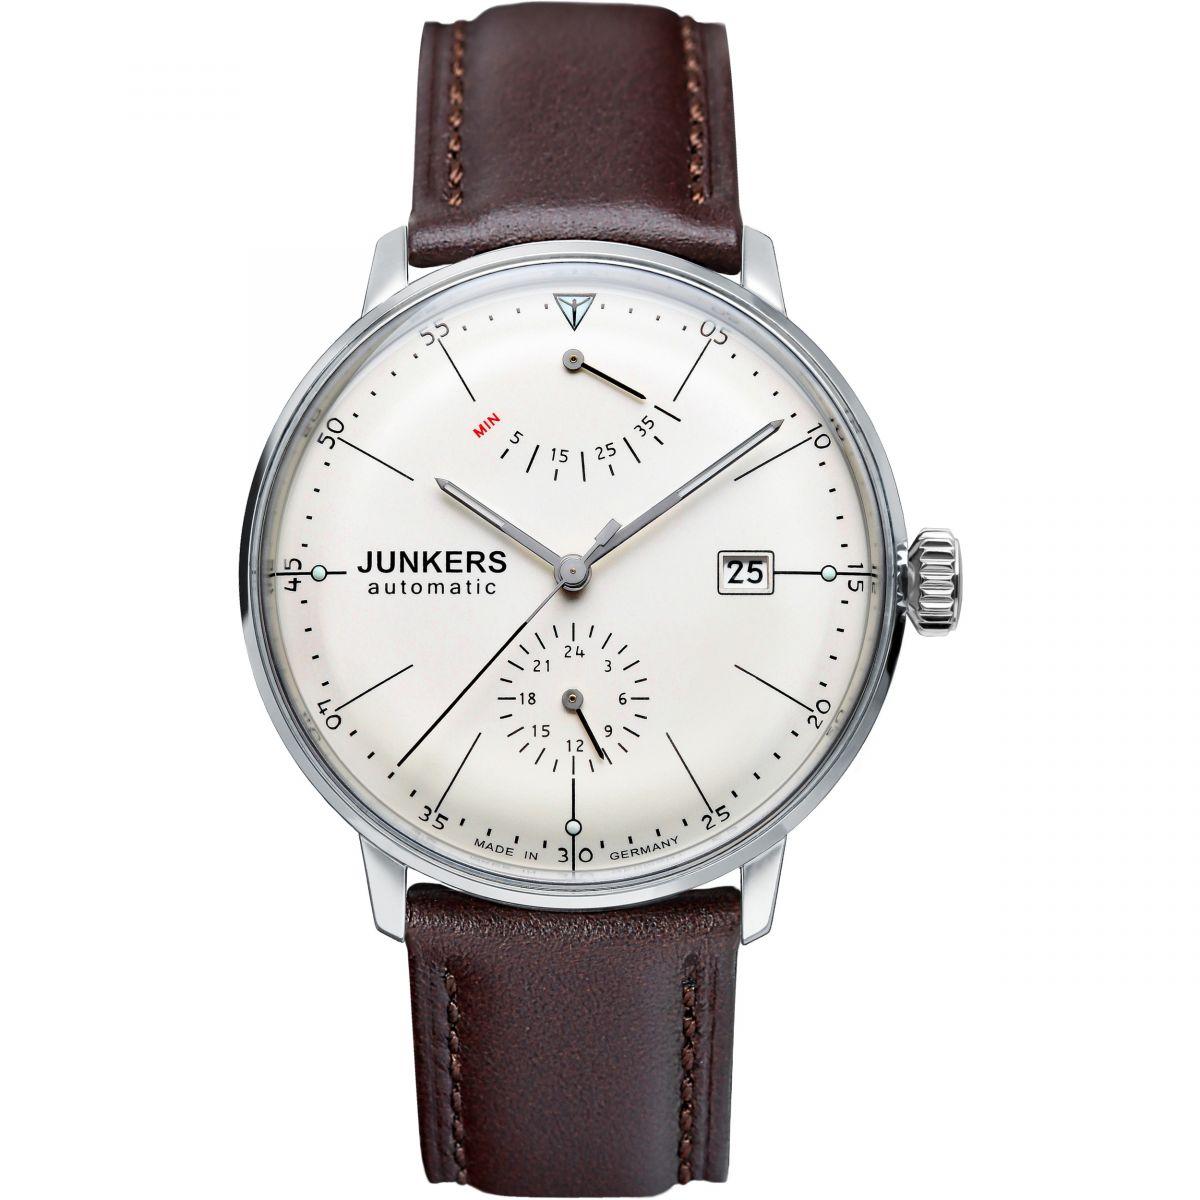 Junghans Meister Chronoscope pour petit poignet ? 6060-5-1395149085-7216